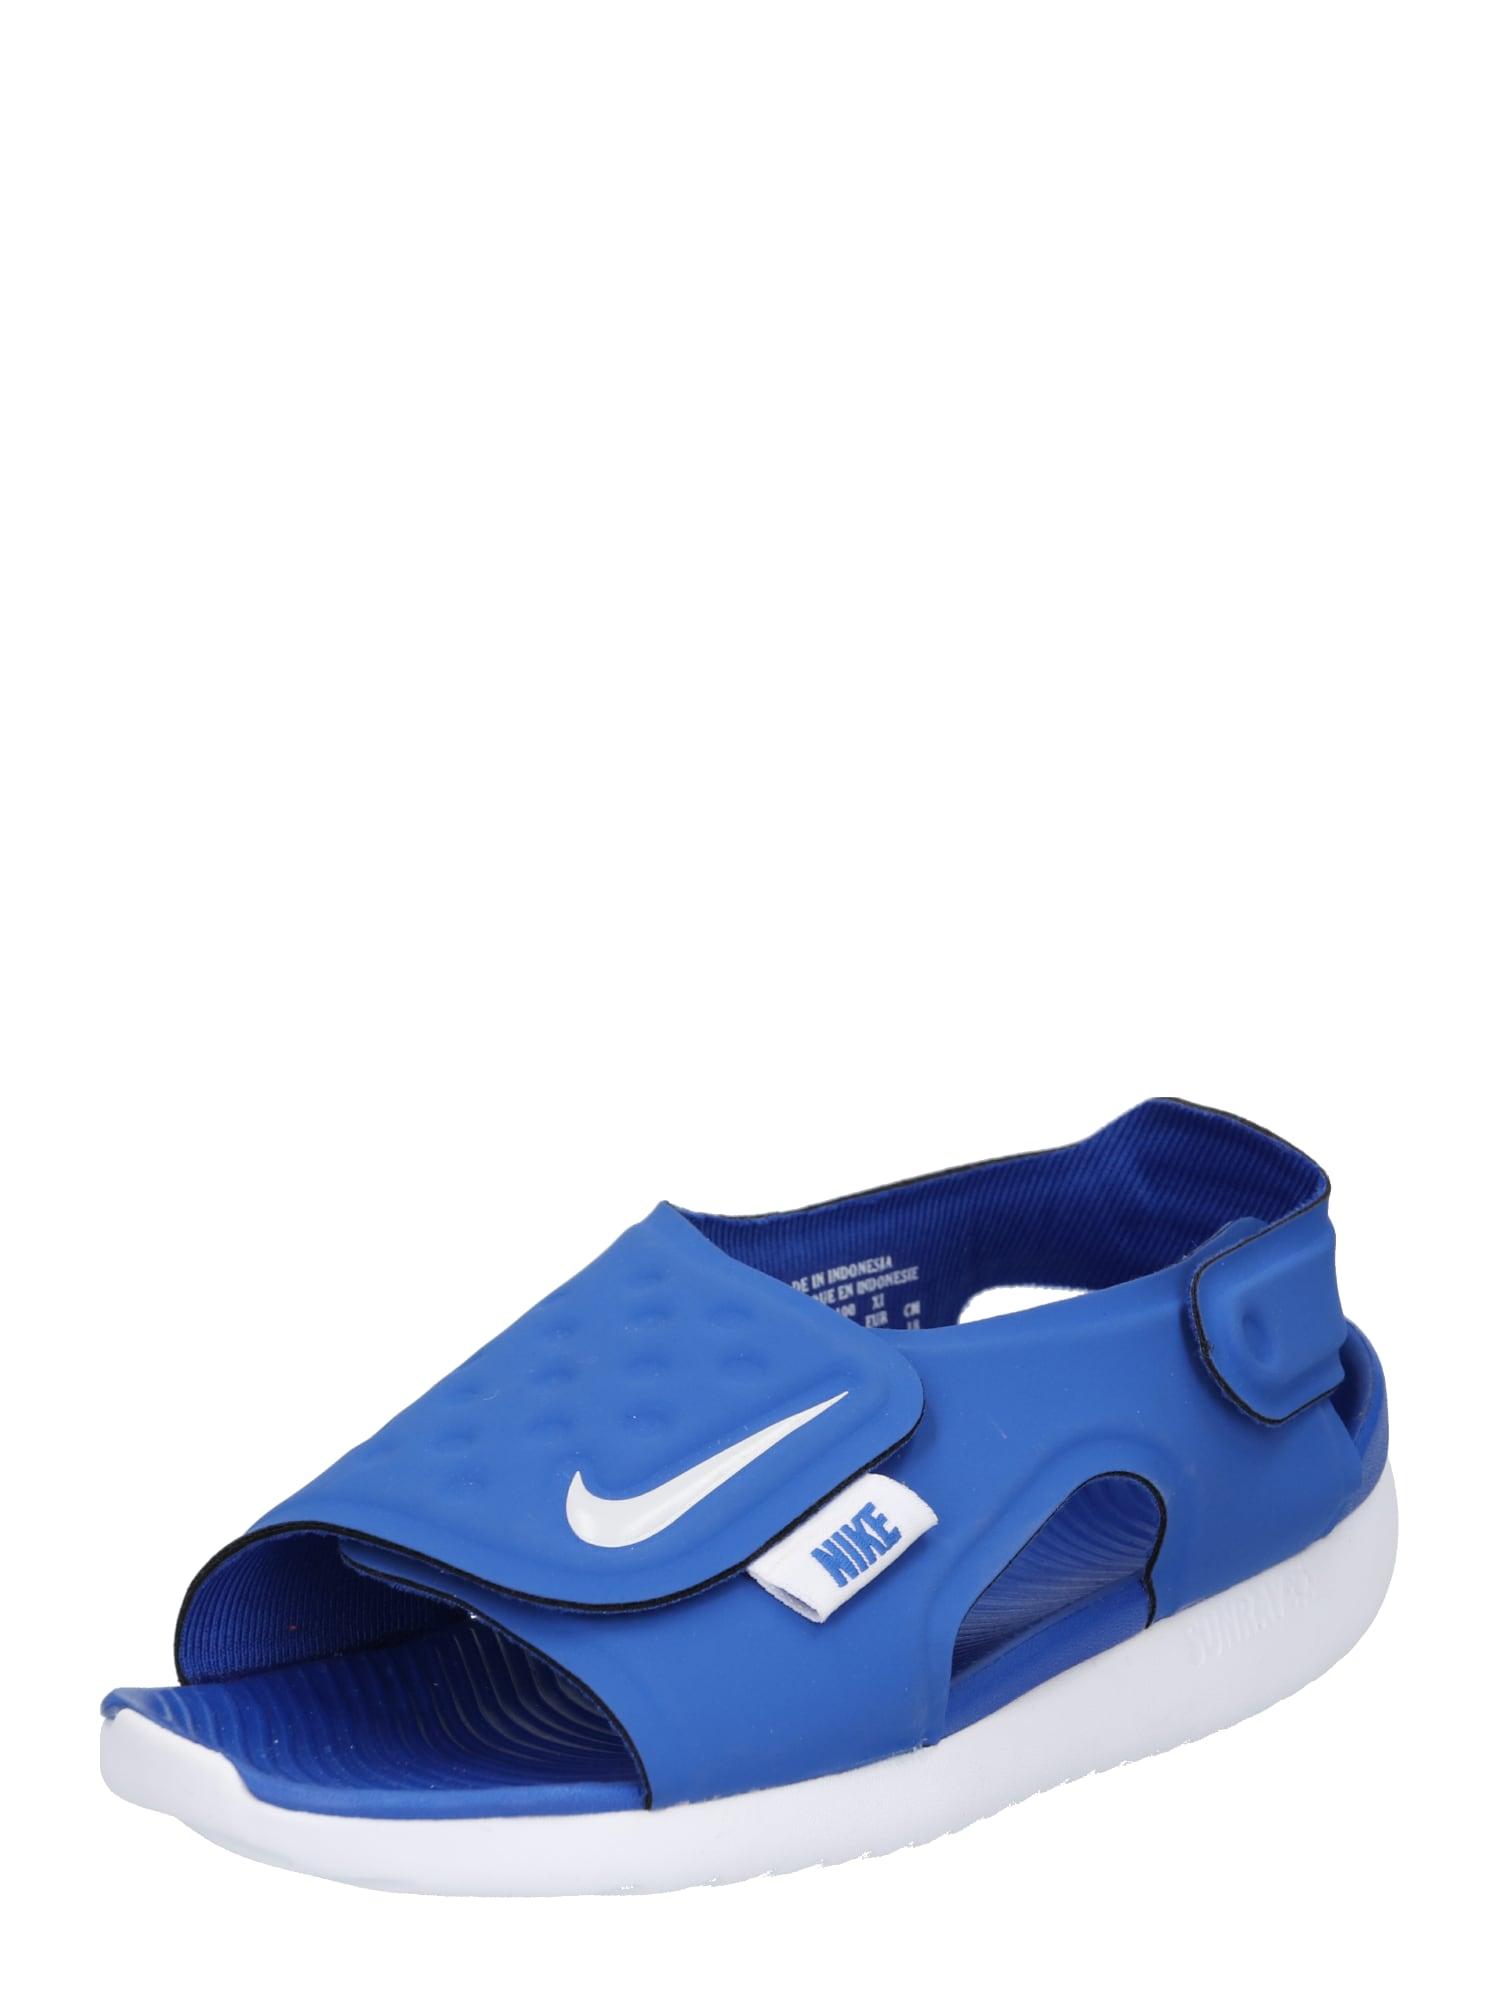 Nike Sportswear, Jongens Open schoenen 'Nike Sunray Adjust 5', blauw / grijs